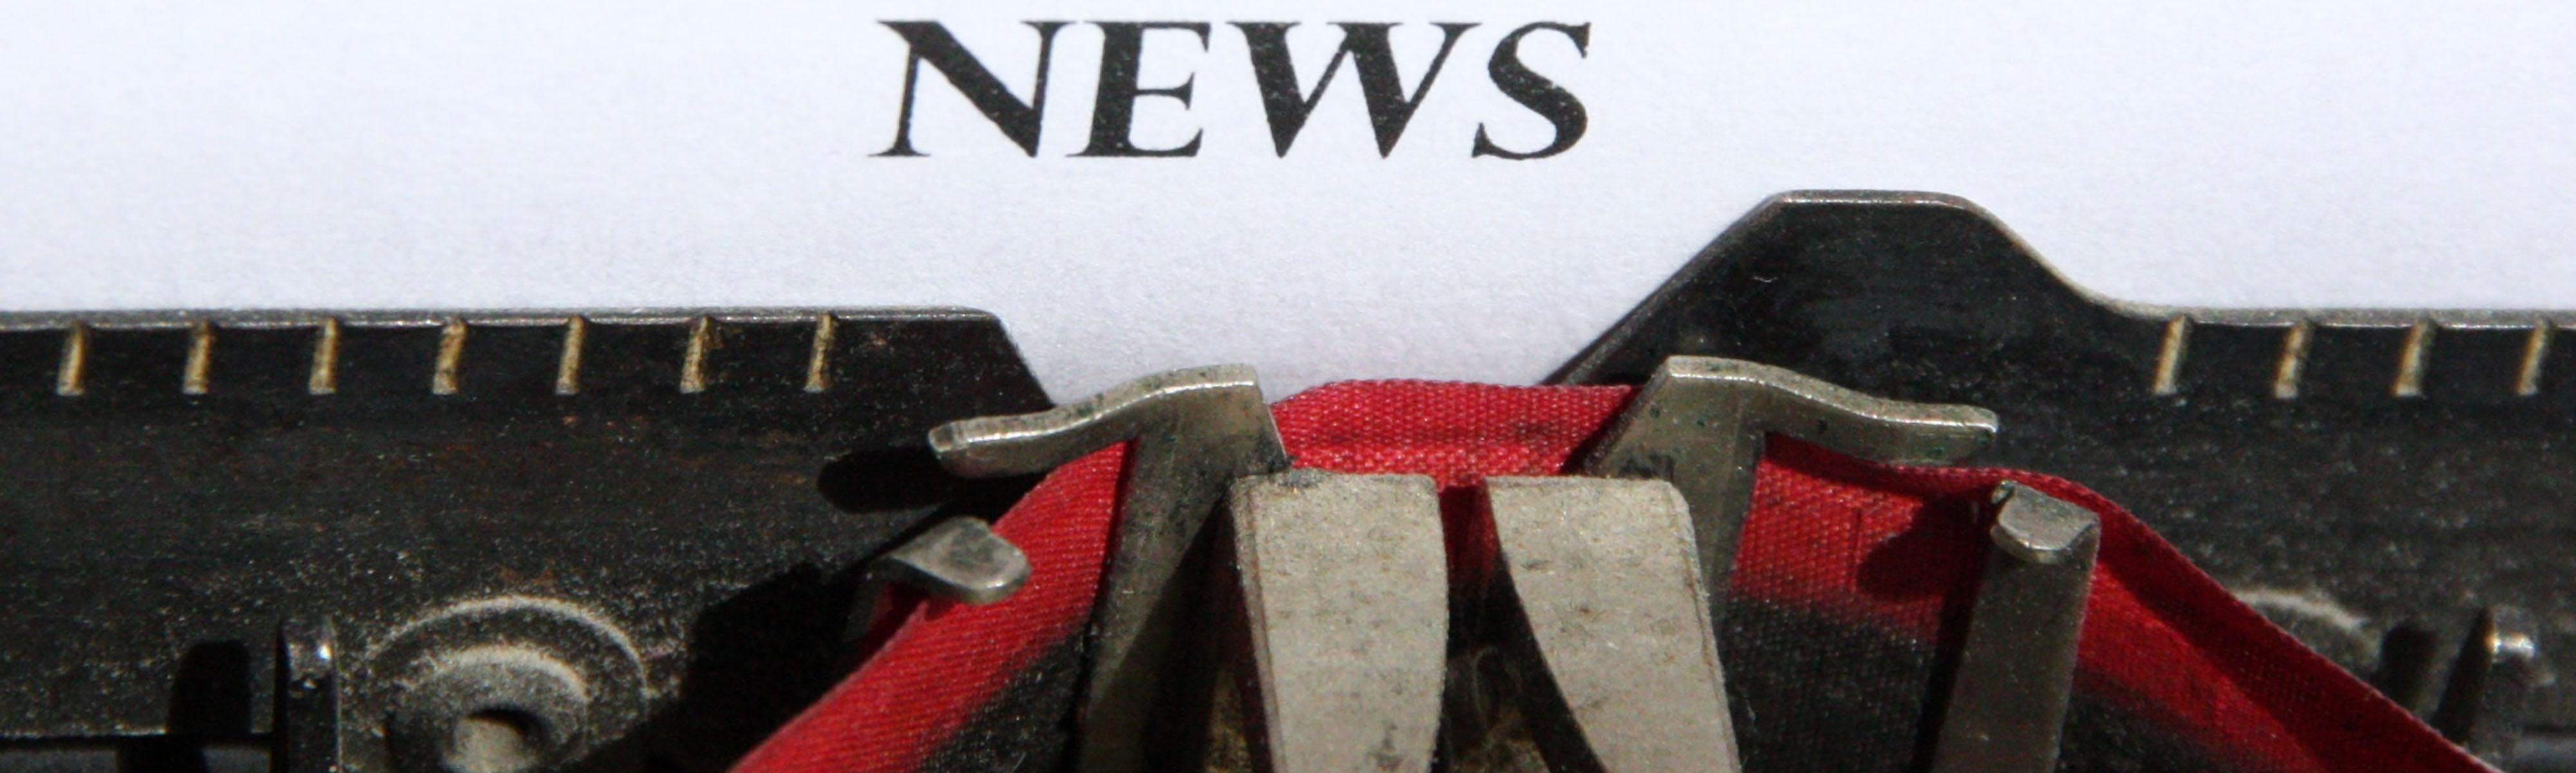 Slider News Schreibmaschine